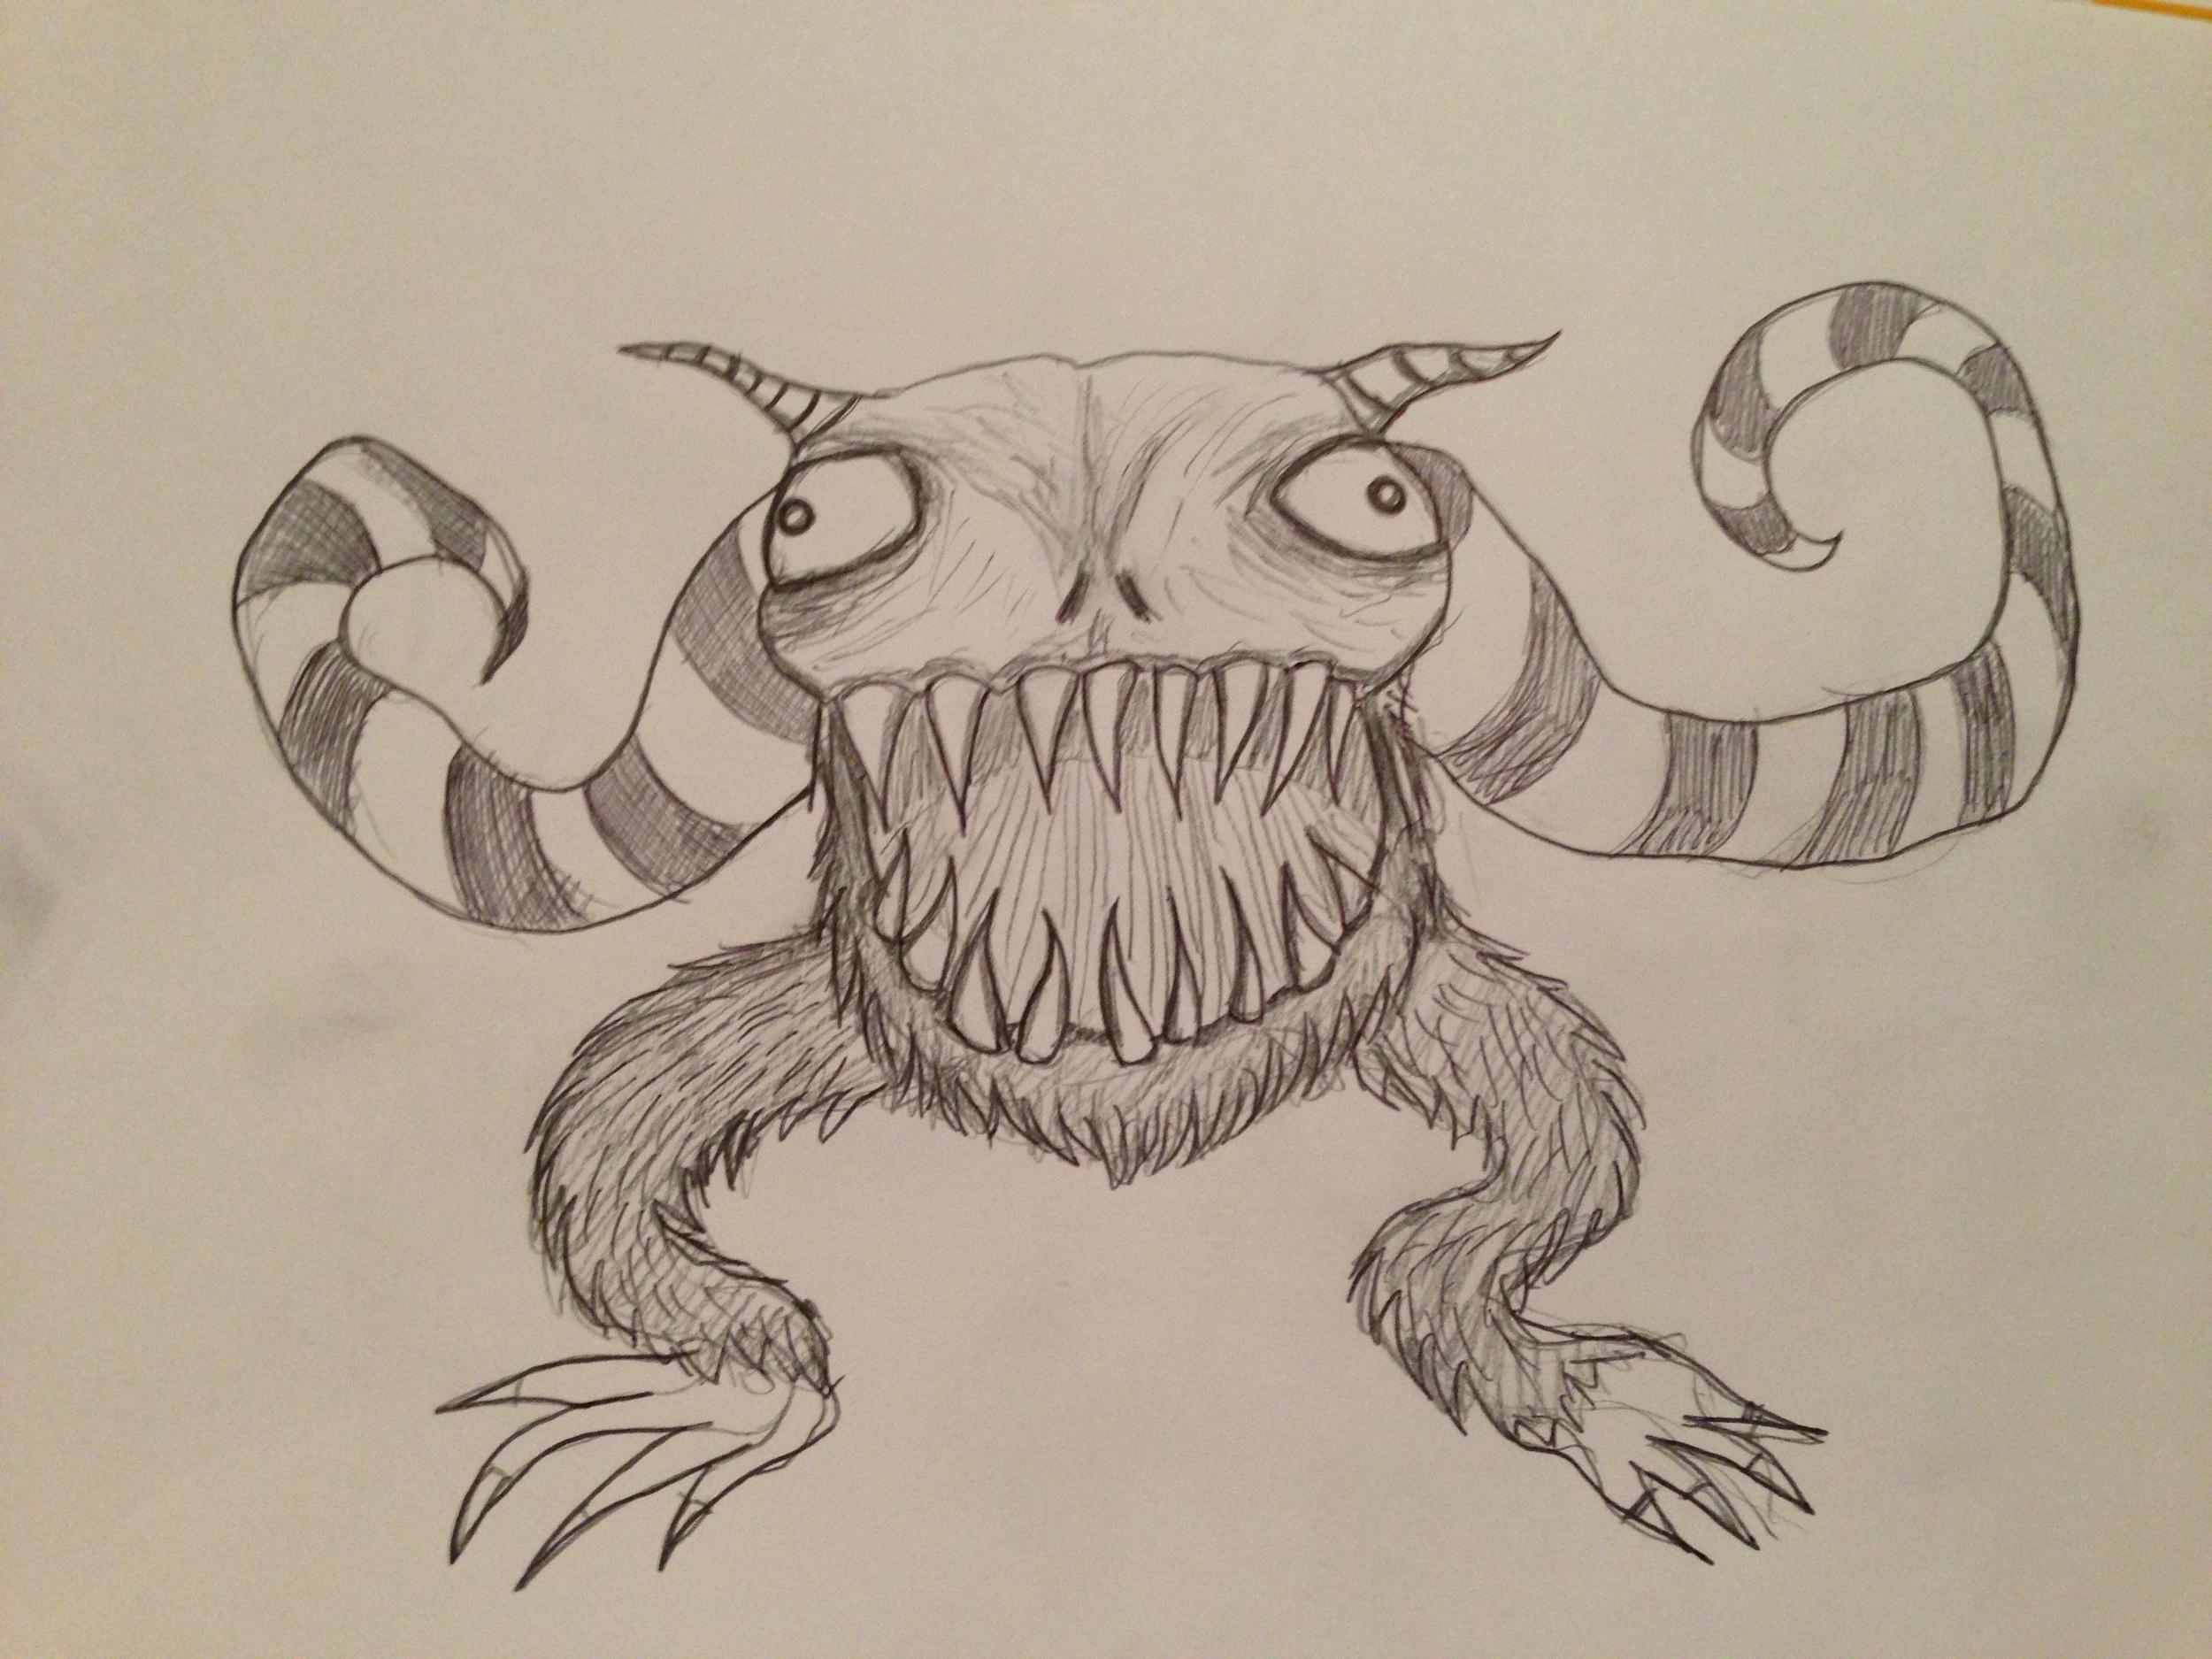 Concept artwork for the alien monster.